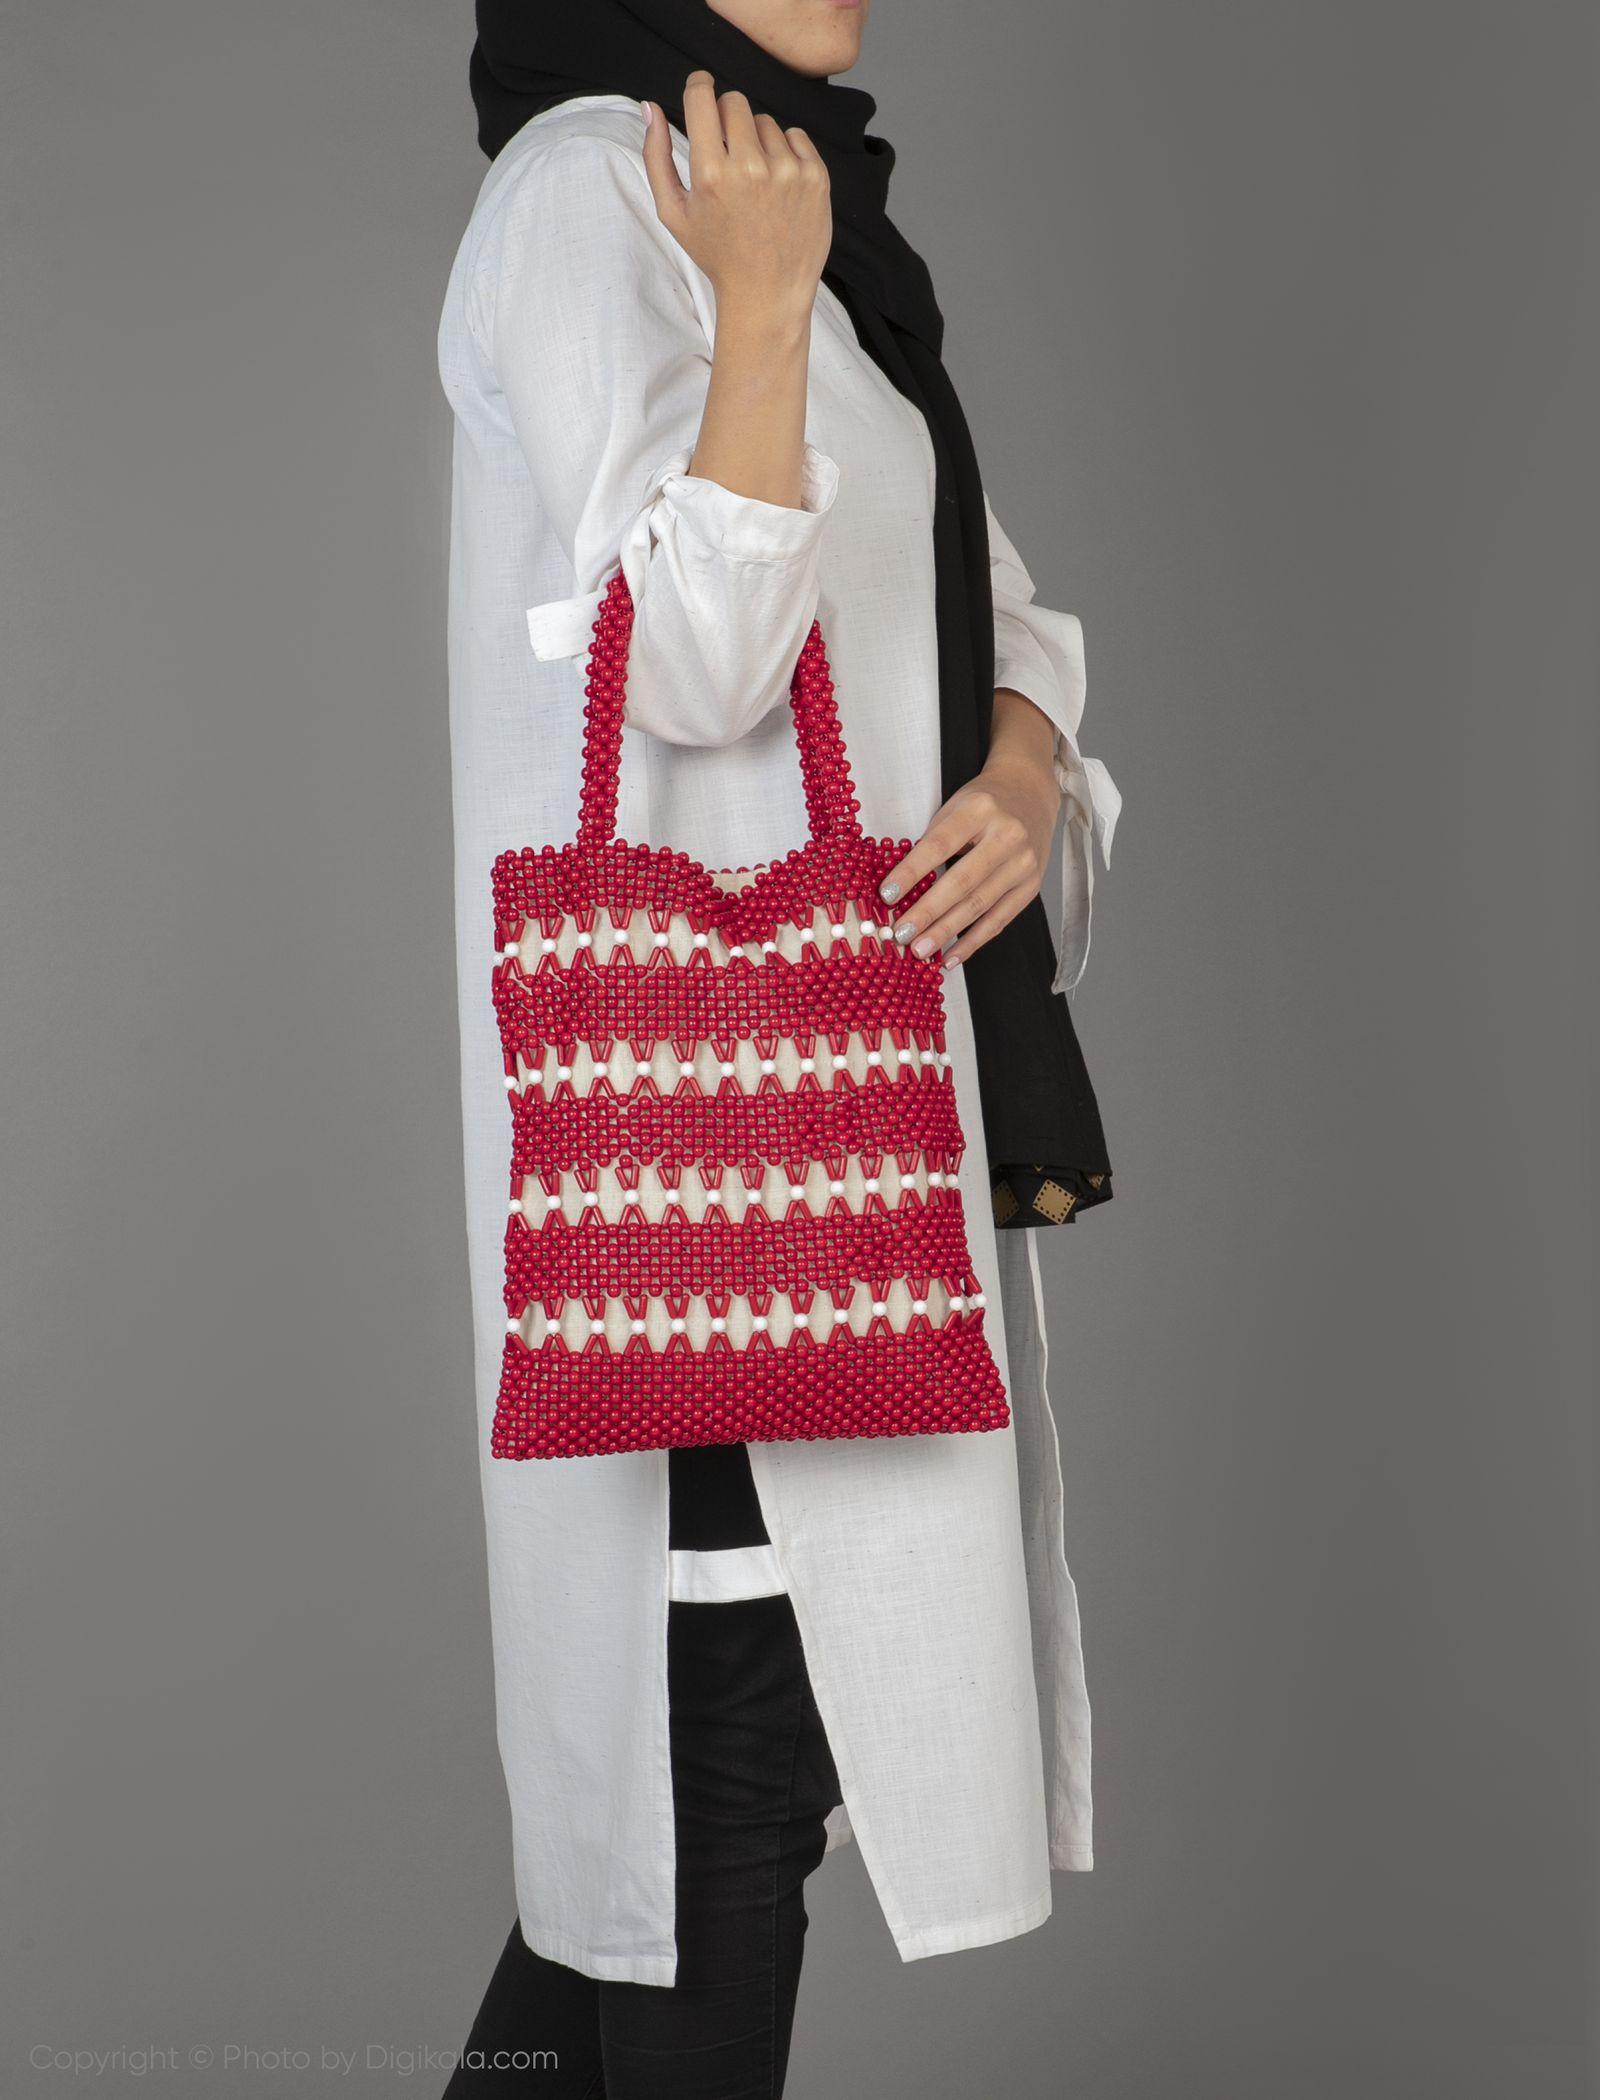 کیف دوشی زنانه - ویولتا بای مانگو تک سایز - قرمز - 4